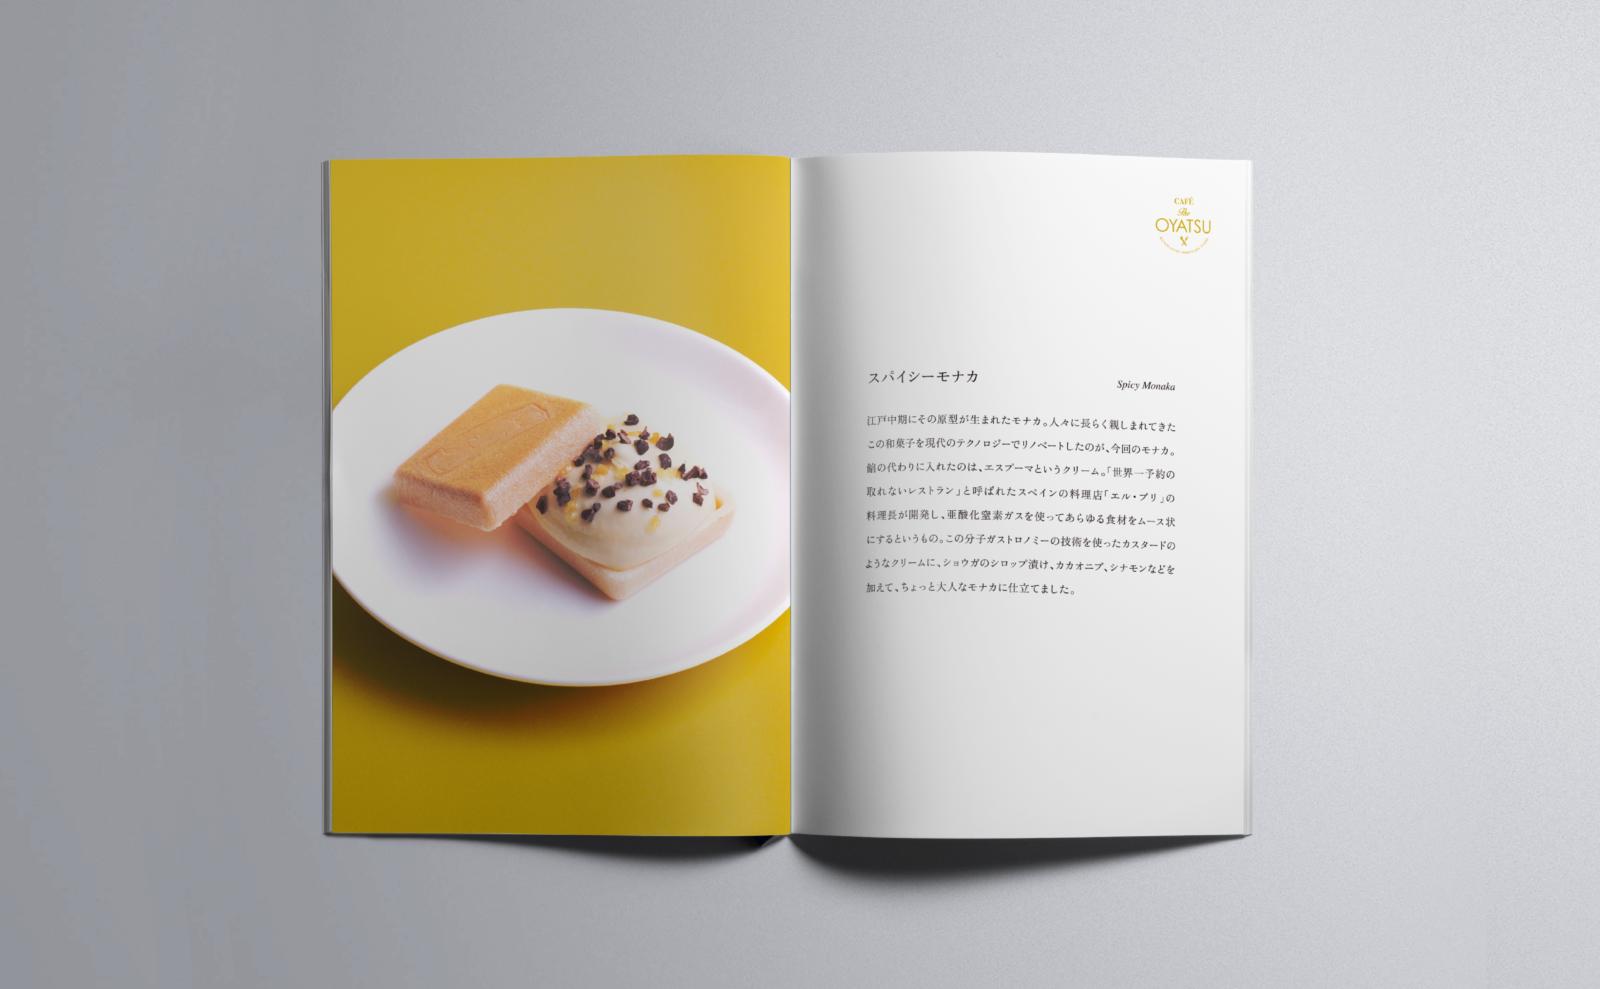 café the oyatsu__-4